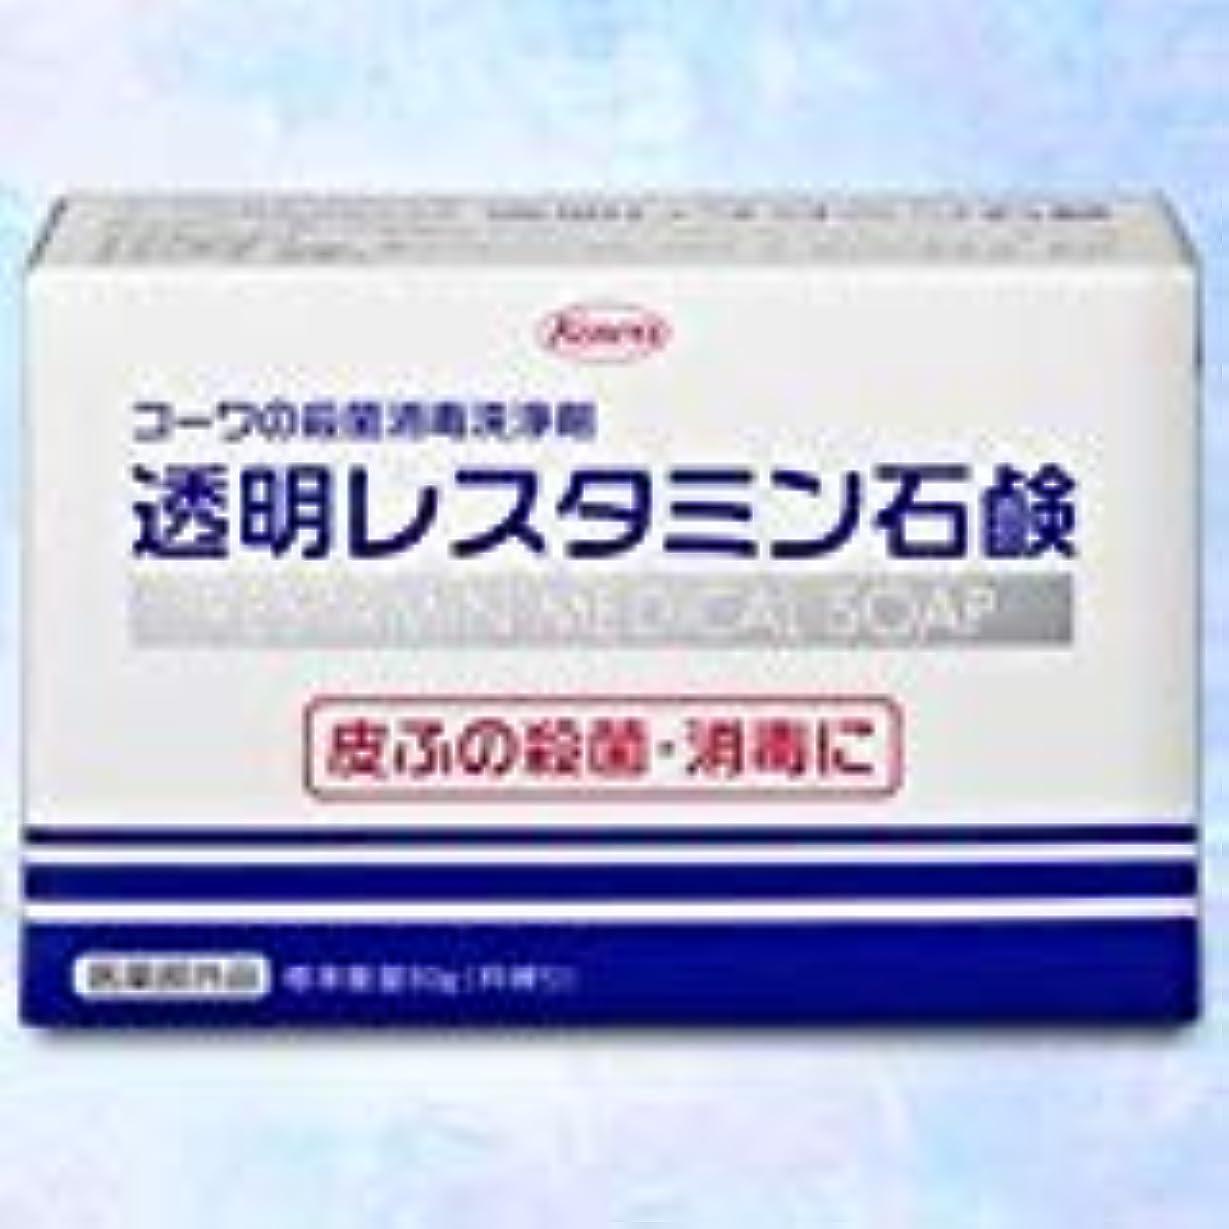 マリン量お気に入り【興和】コーワの殺菌消毒洗浄剤「透明レスタミン石鹸」80g(医薬部外品) ×3個セット